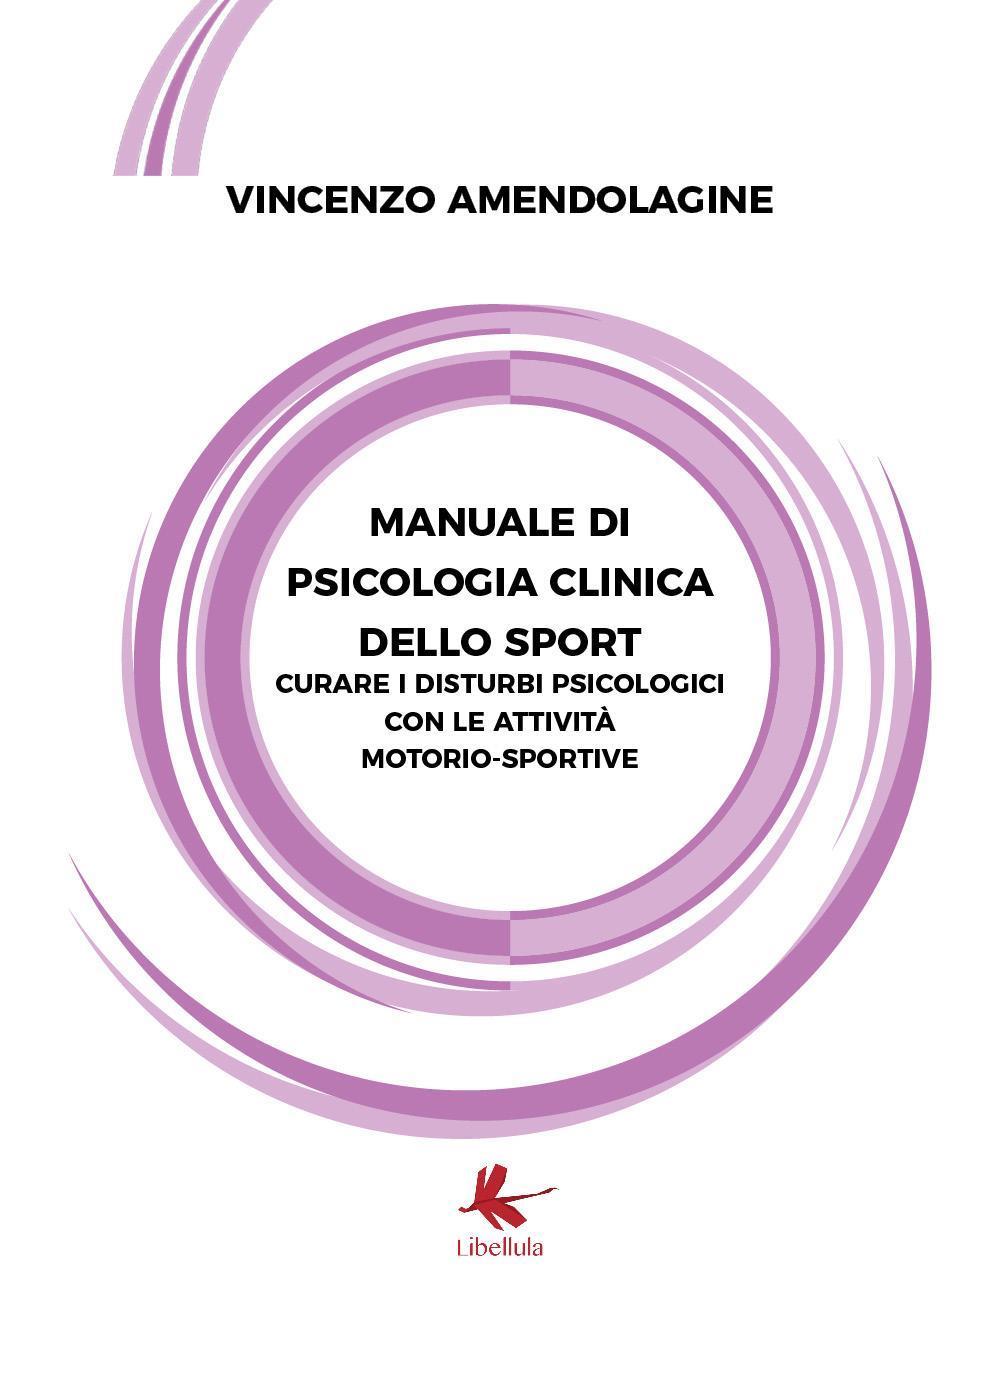 Manuale di Psicologia Clinica dello Sport (Curare i disturbi psicologici con le attività motorio - sportive)